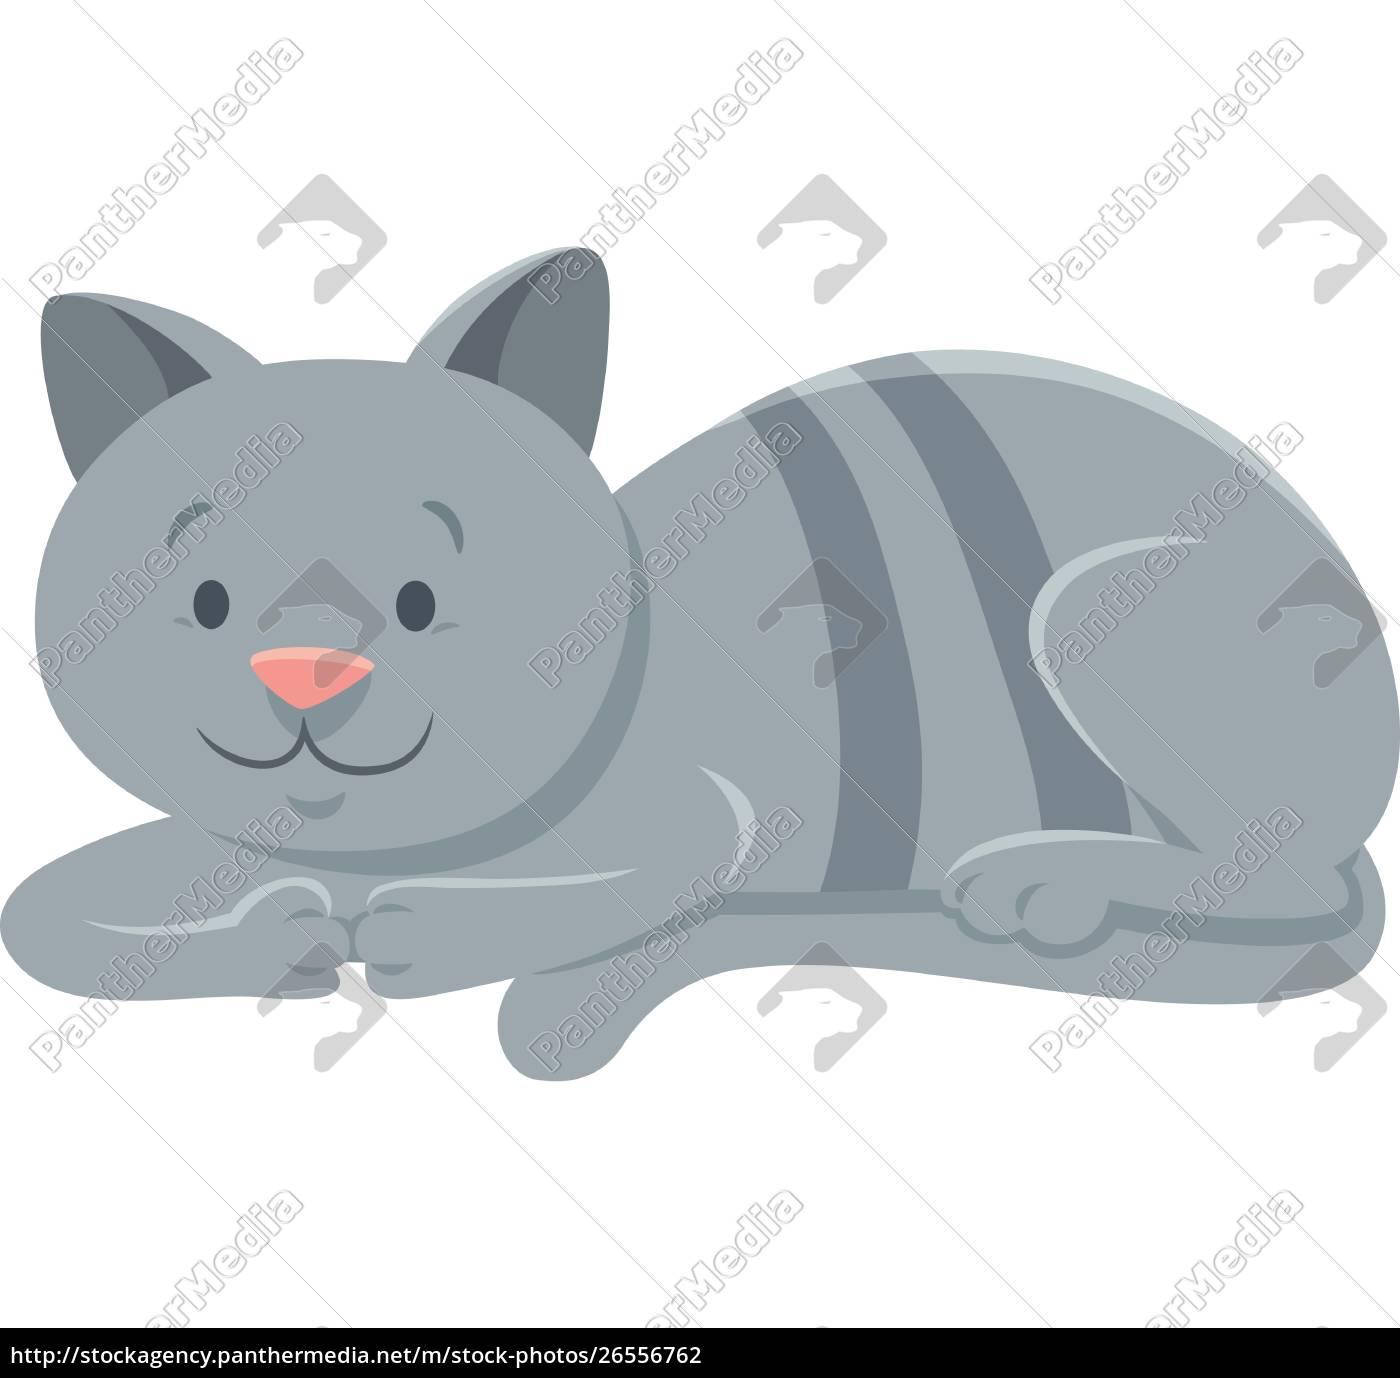 funny, gray, cat, cartoon, animal, character - 26556762